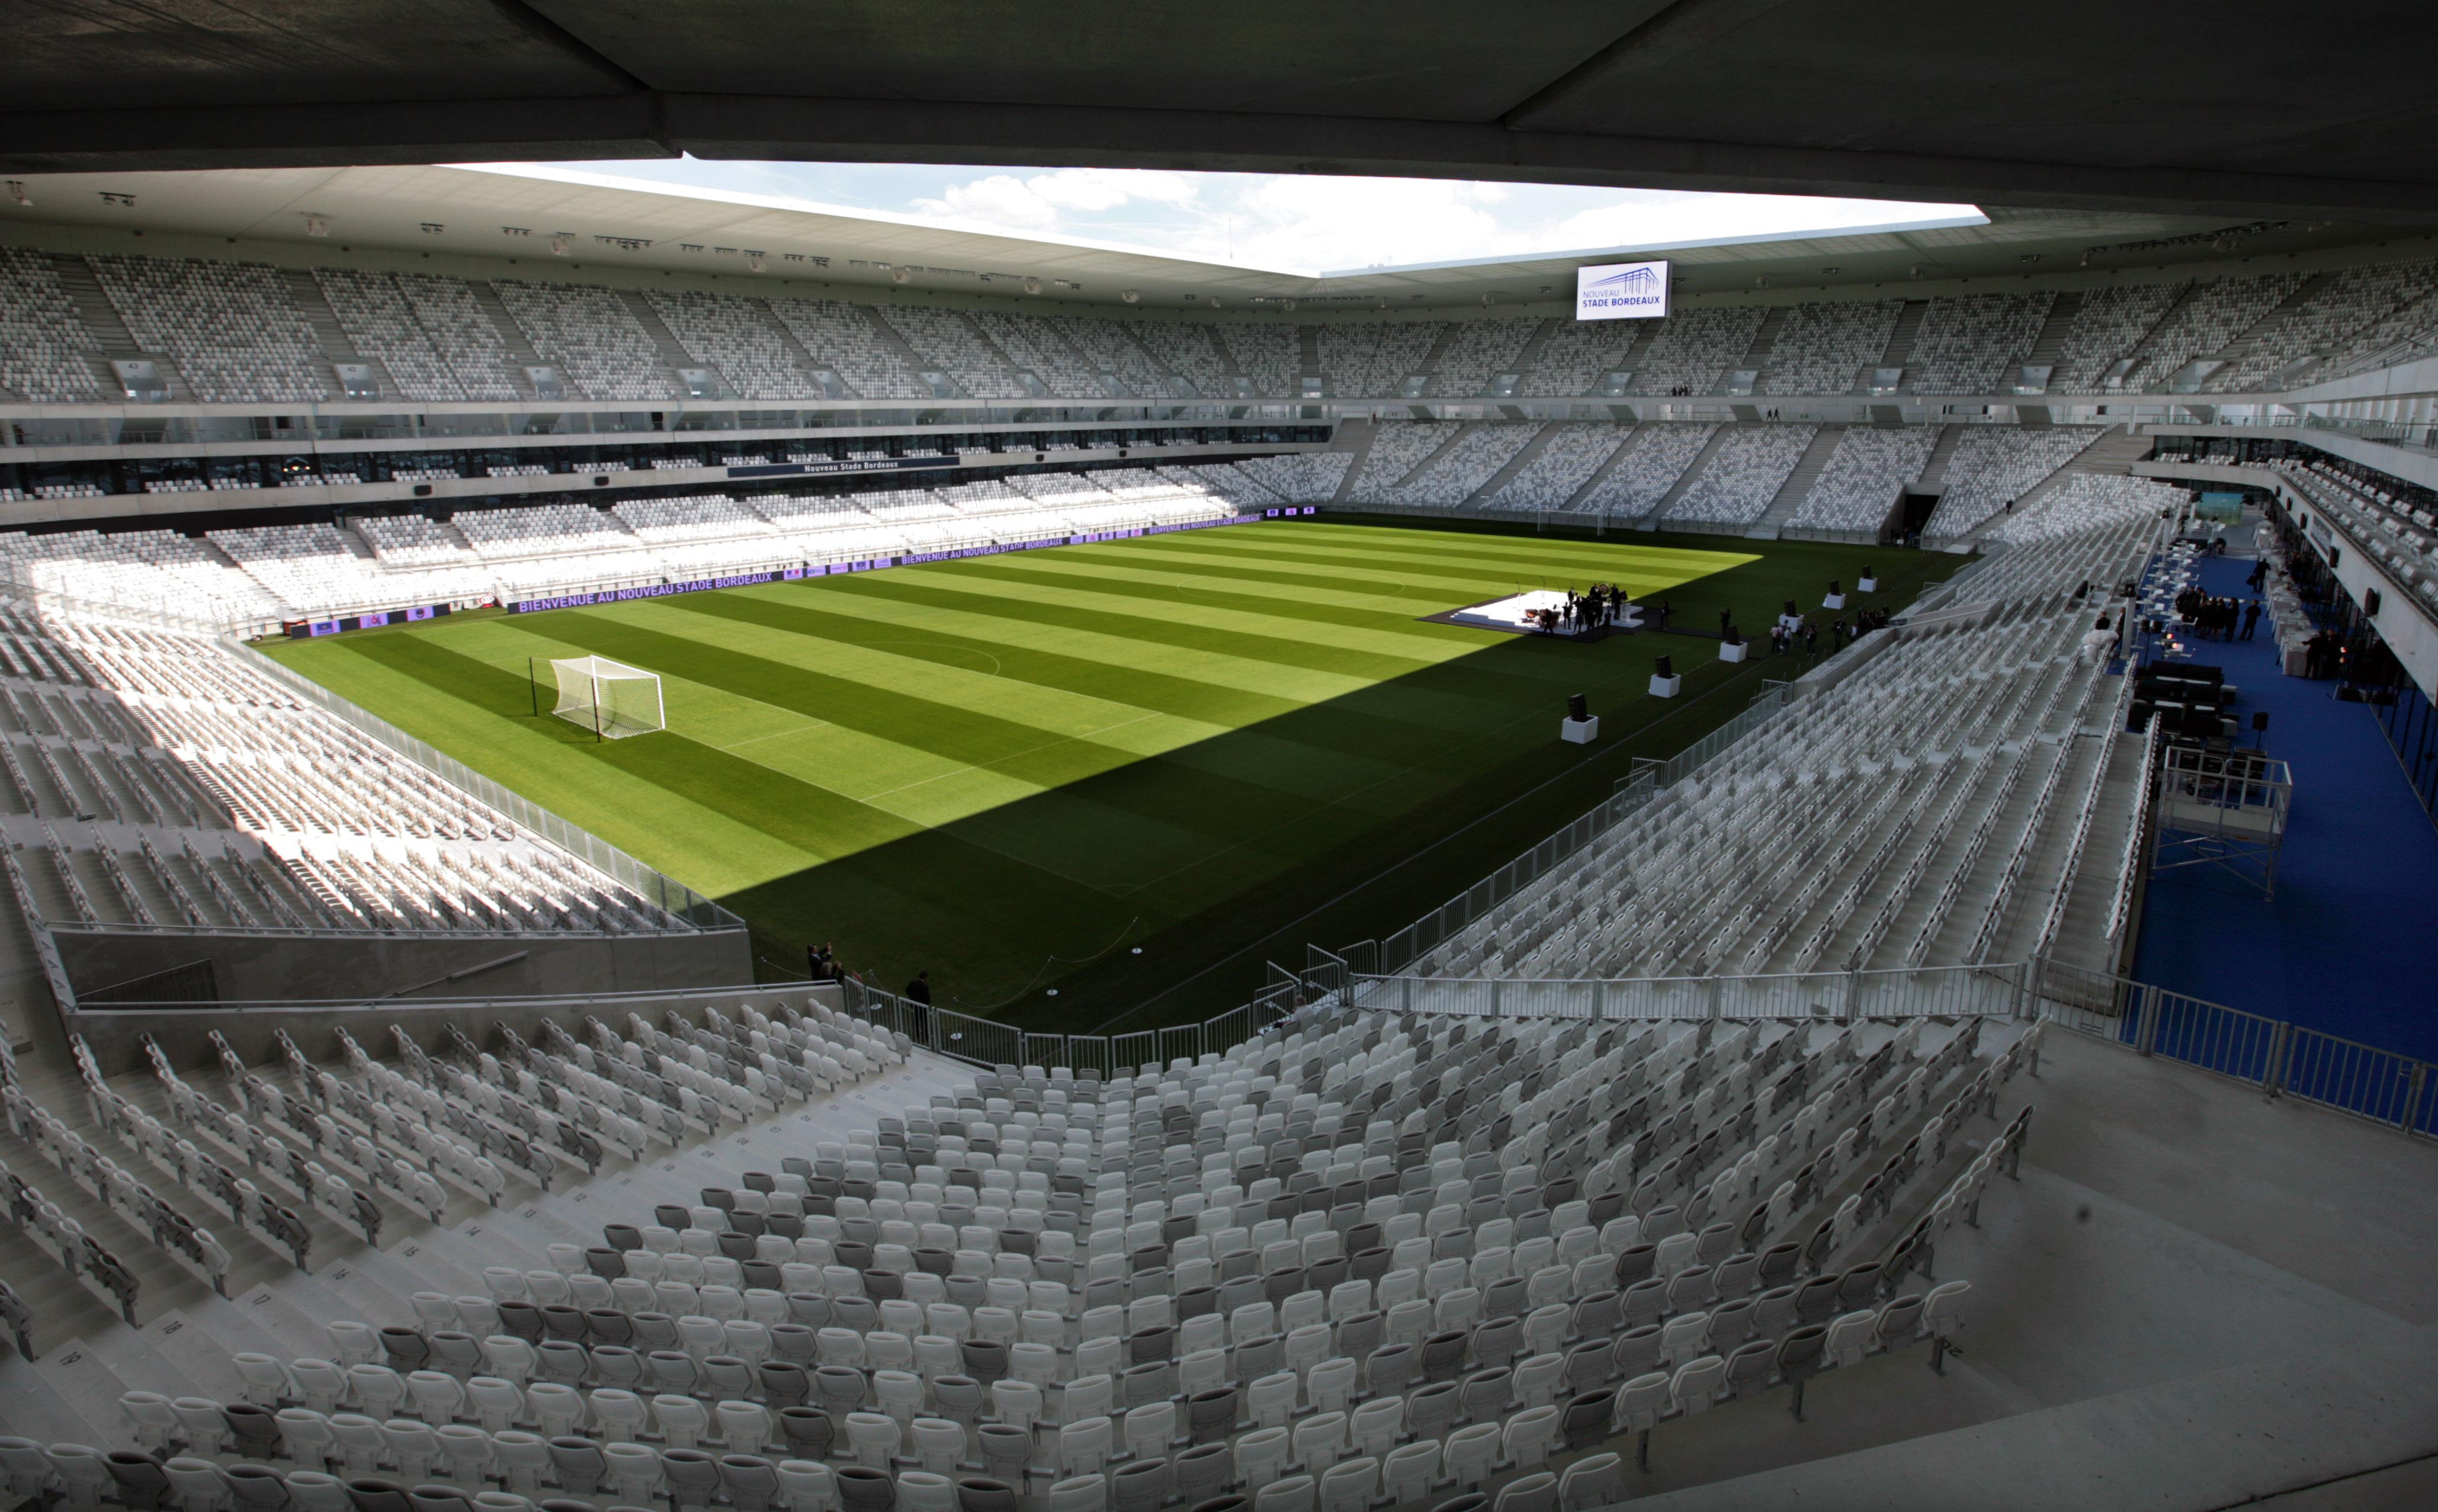 Noveaux Stade de Bordeaux